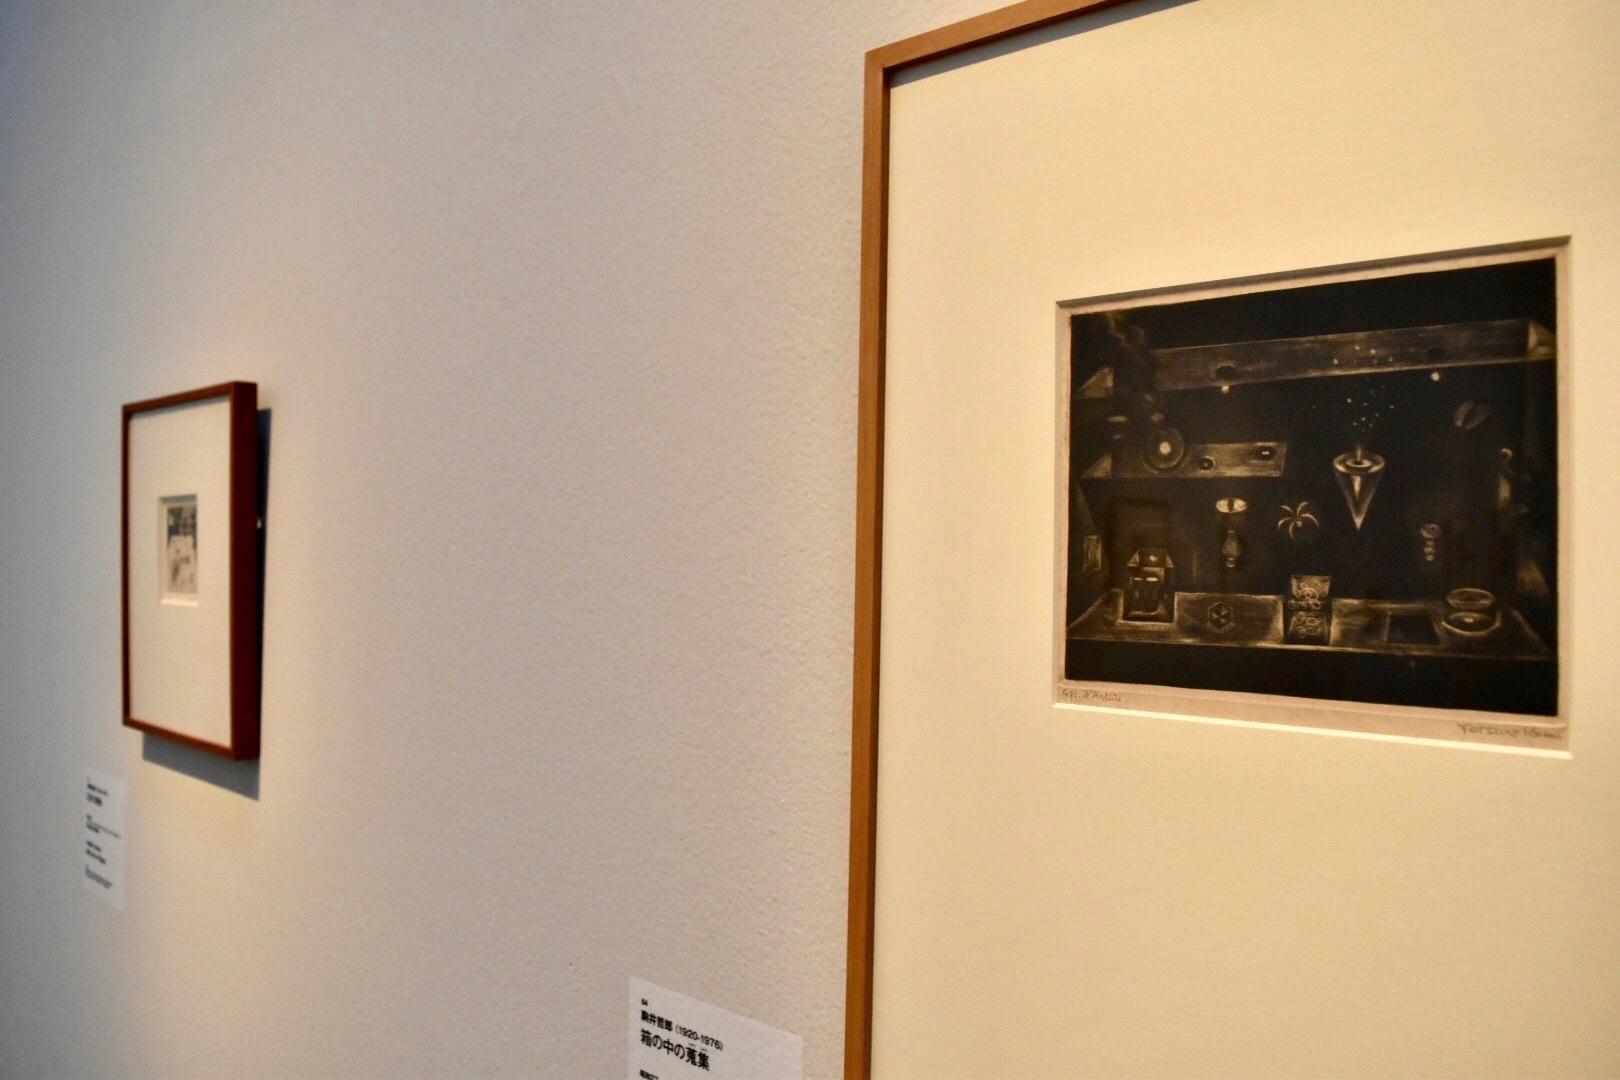 《箱の中の蒐集》 駒井哲郎 昭和27年 町田市立国際版画美術館